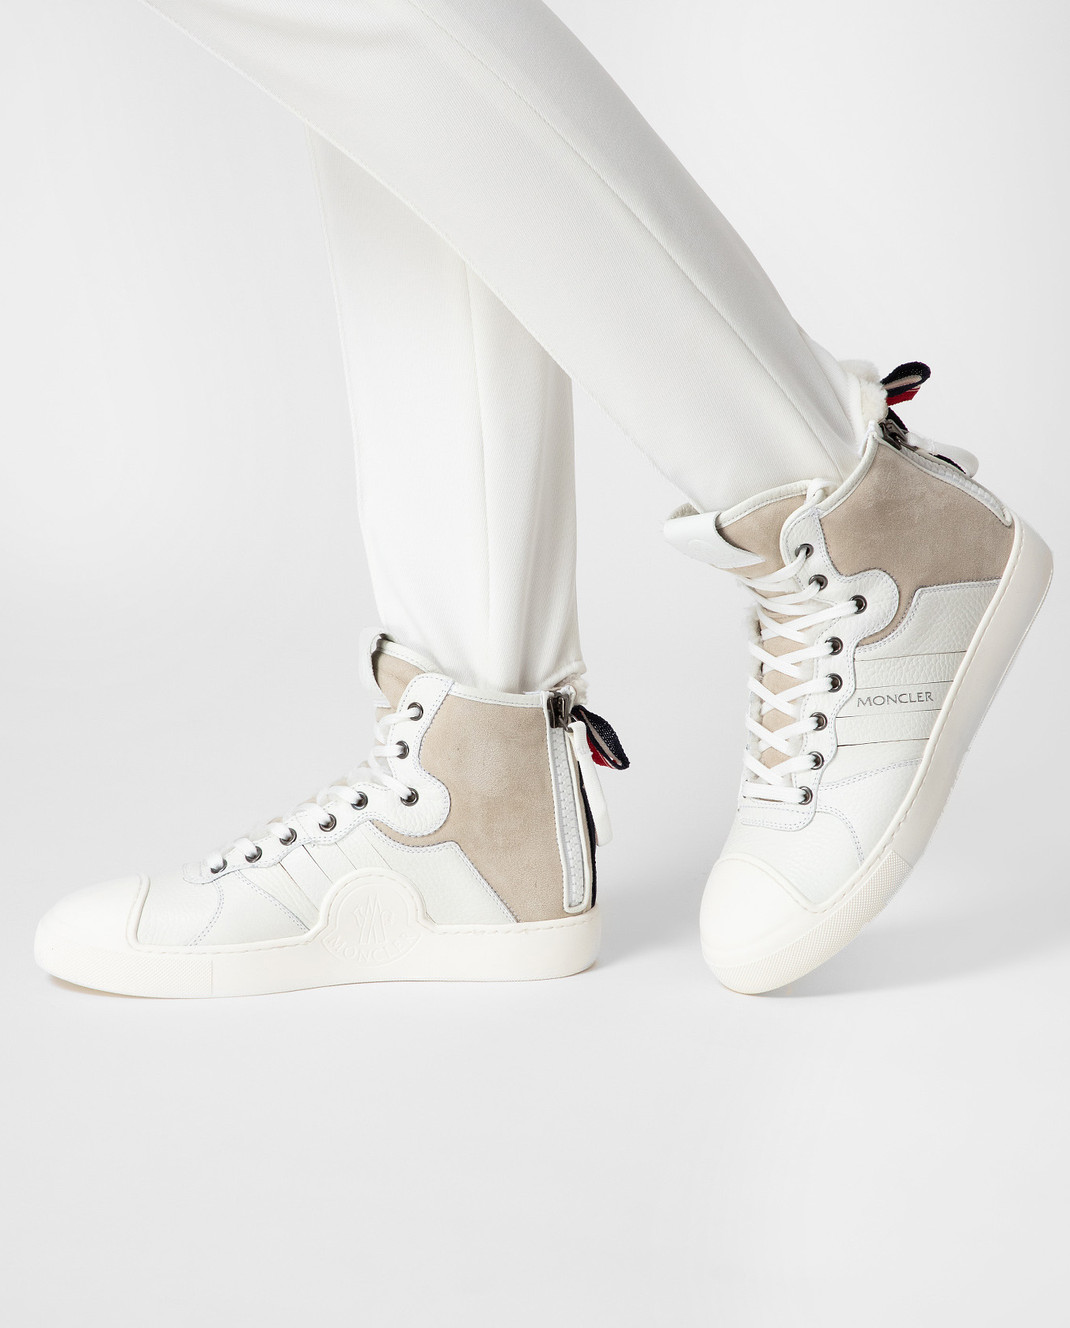 Moncler Белые кожаные хайтопы 20496 изображение 2